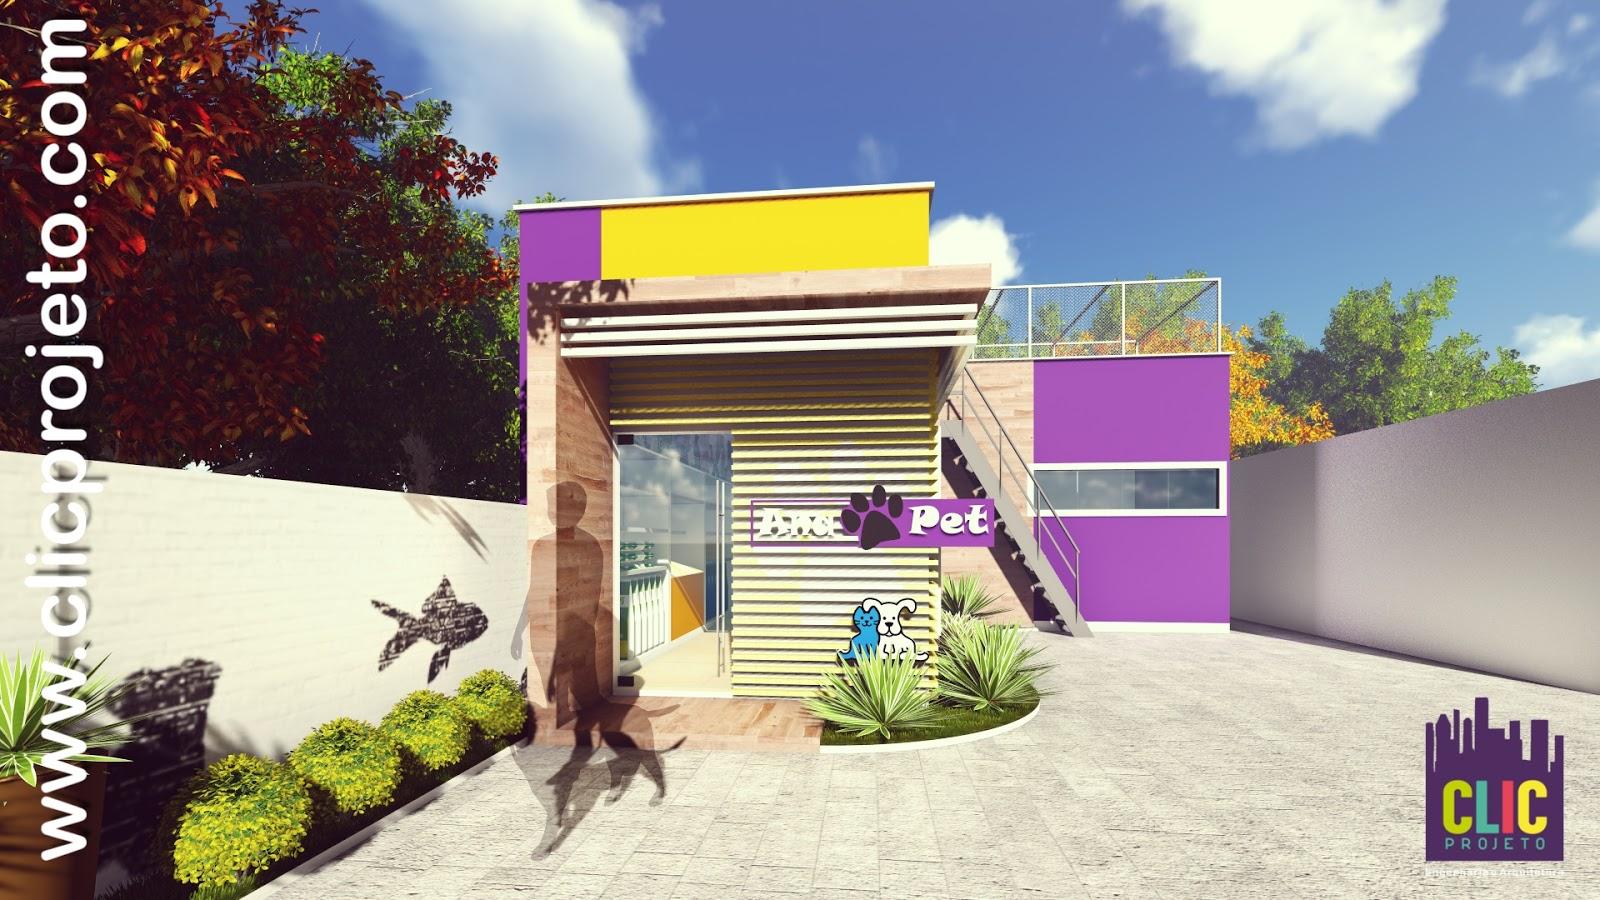 Muitas vezes Halla Arquitetura e Urbanismo: Código: 40328 - Pet Shop RU47